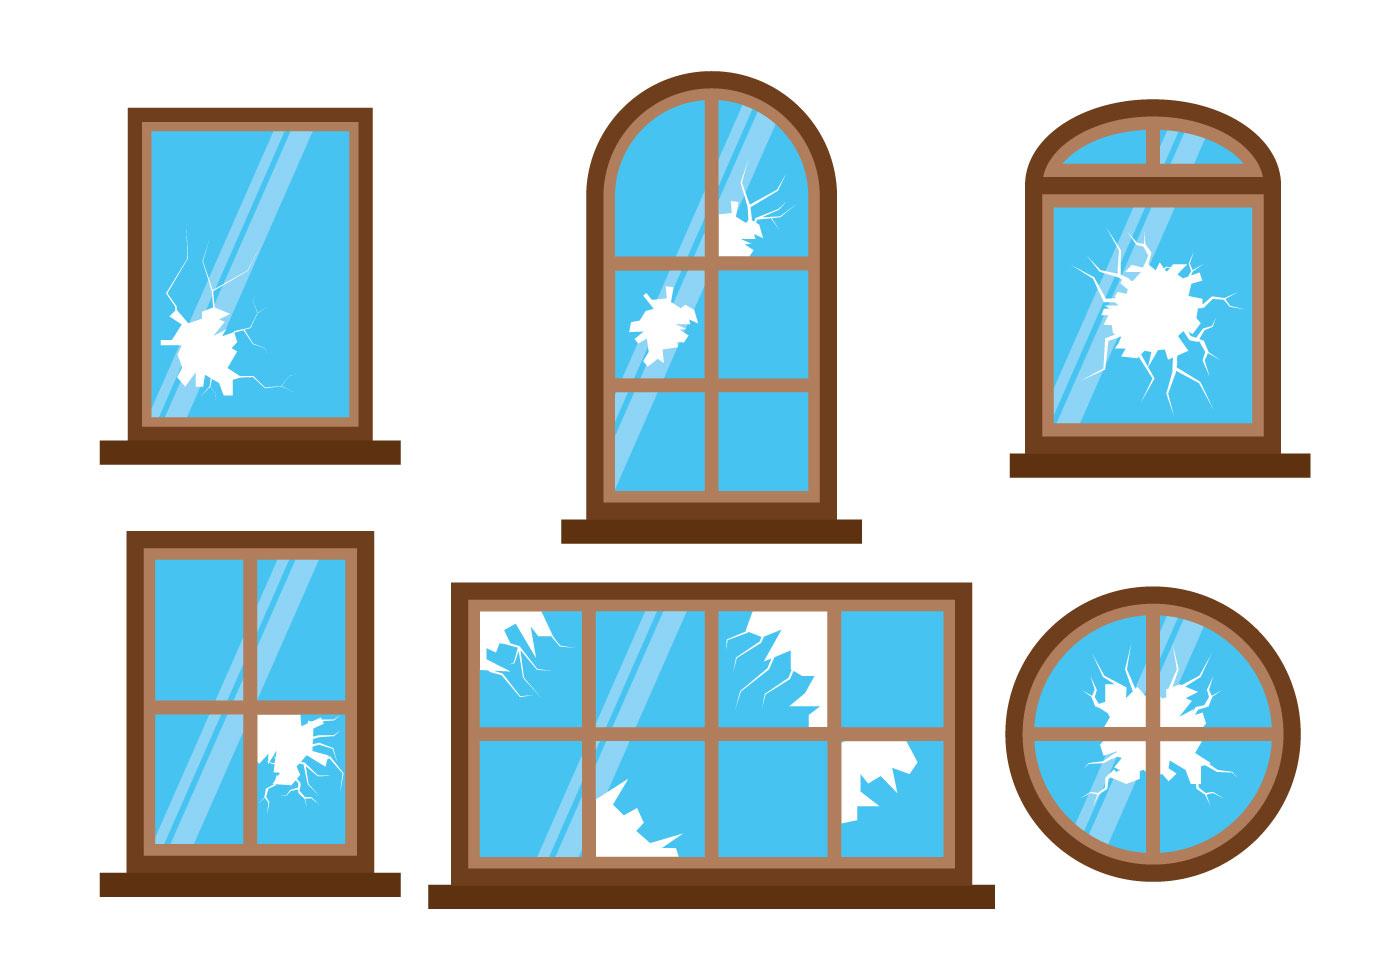 скопировать окно в картинках какие